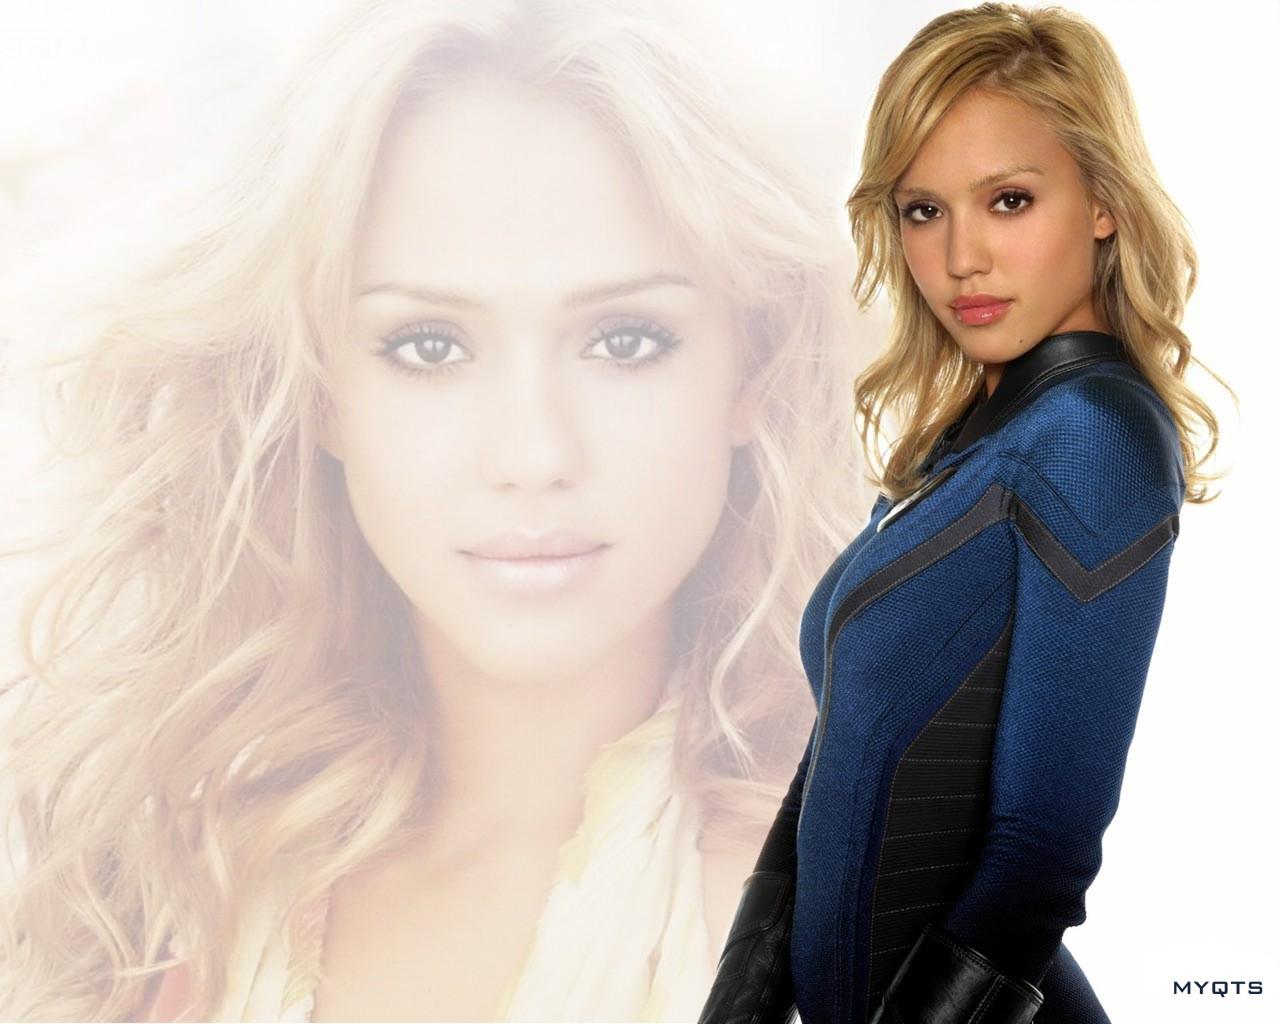 http://4.bp.blogspot.com/-PdD3VX3xVPk/T2AxpLSNxrI/AAAAAAAABdA/NT3Mo8feudw/s1600/Jessica-Alba.jpg